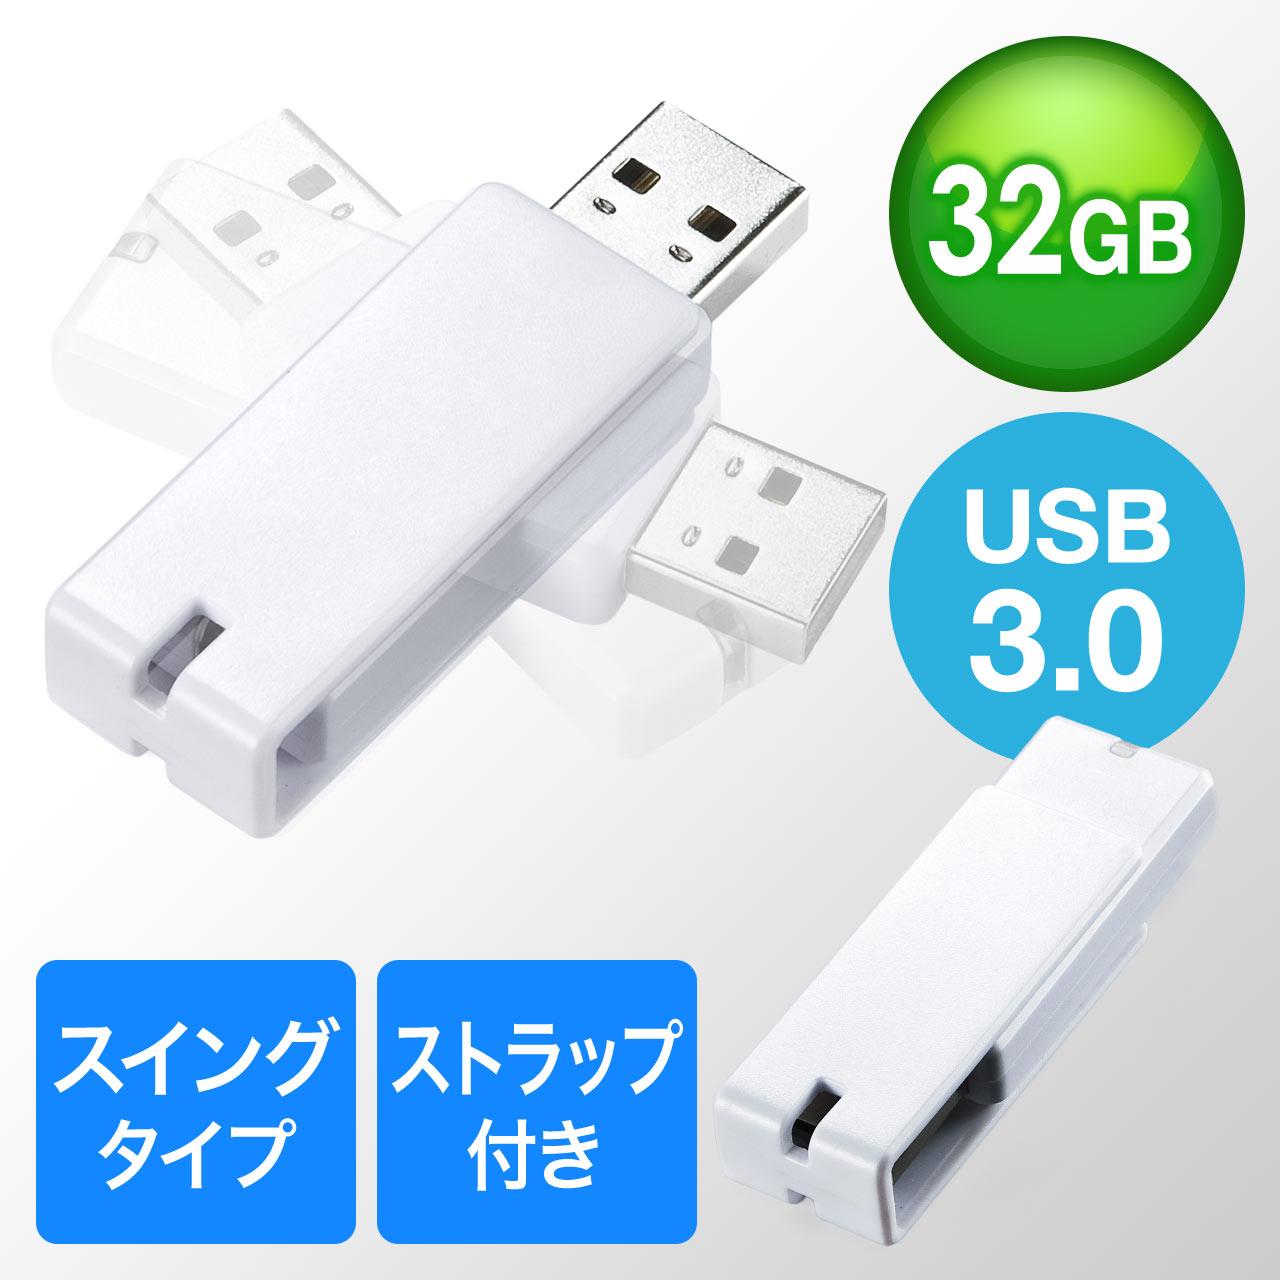 USBメモリ(USB3.0・スイング式・キャップレス・ストラップ付き・名入れ対応・32GB・ホワイト) サンワダイレクト サンワサプライ 600-3US32GW